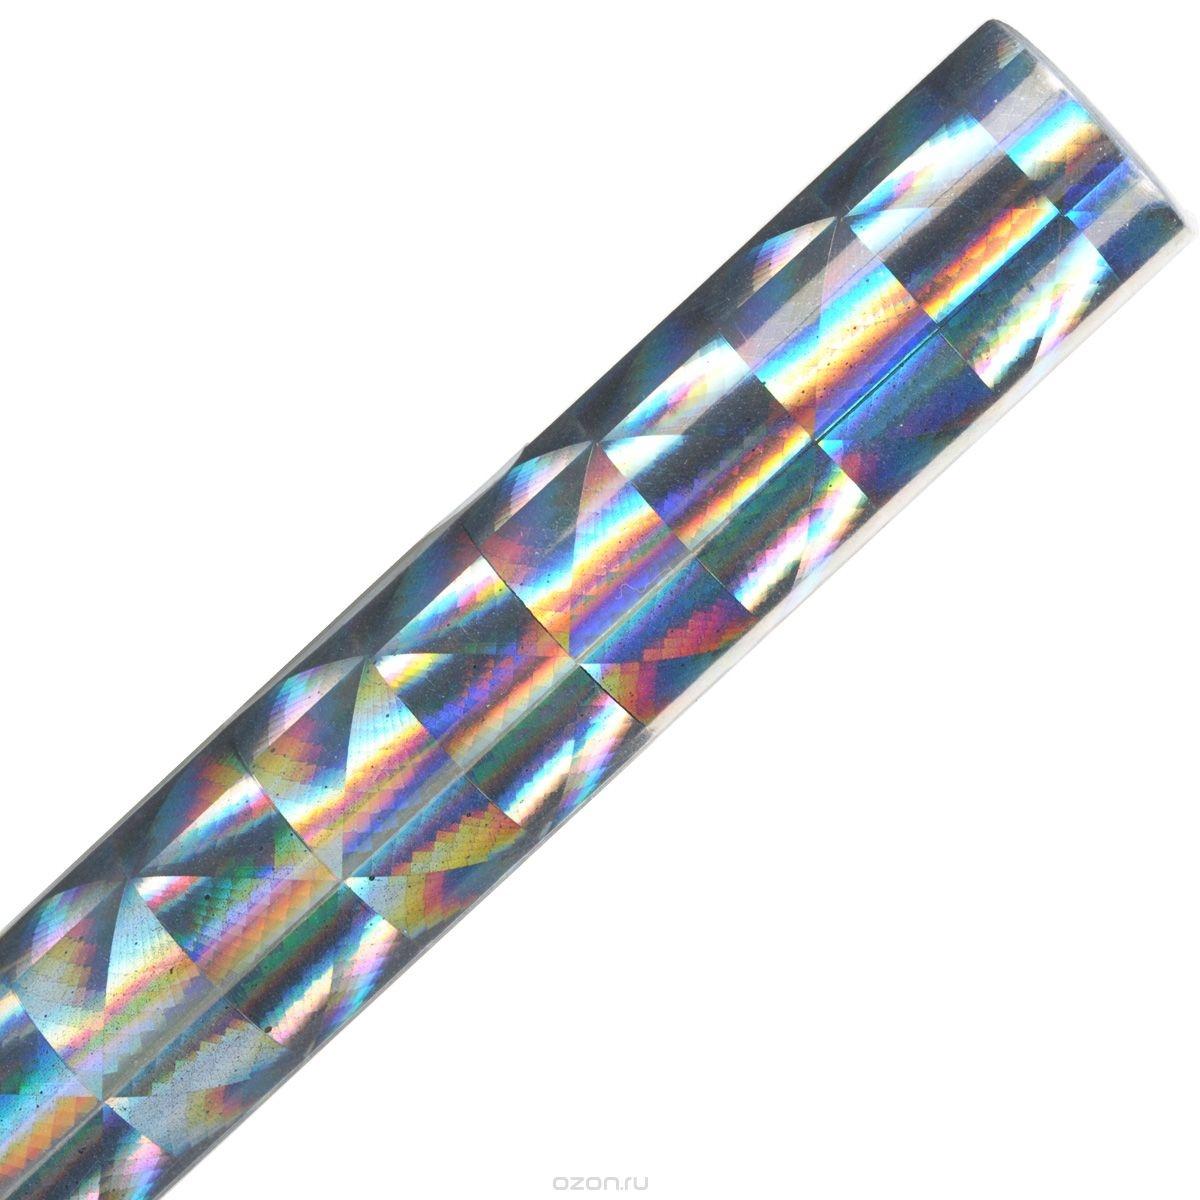 Голографическая бумага Folia Чешуя, самоклеящаяся, серебристая (40x100 см)